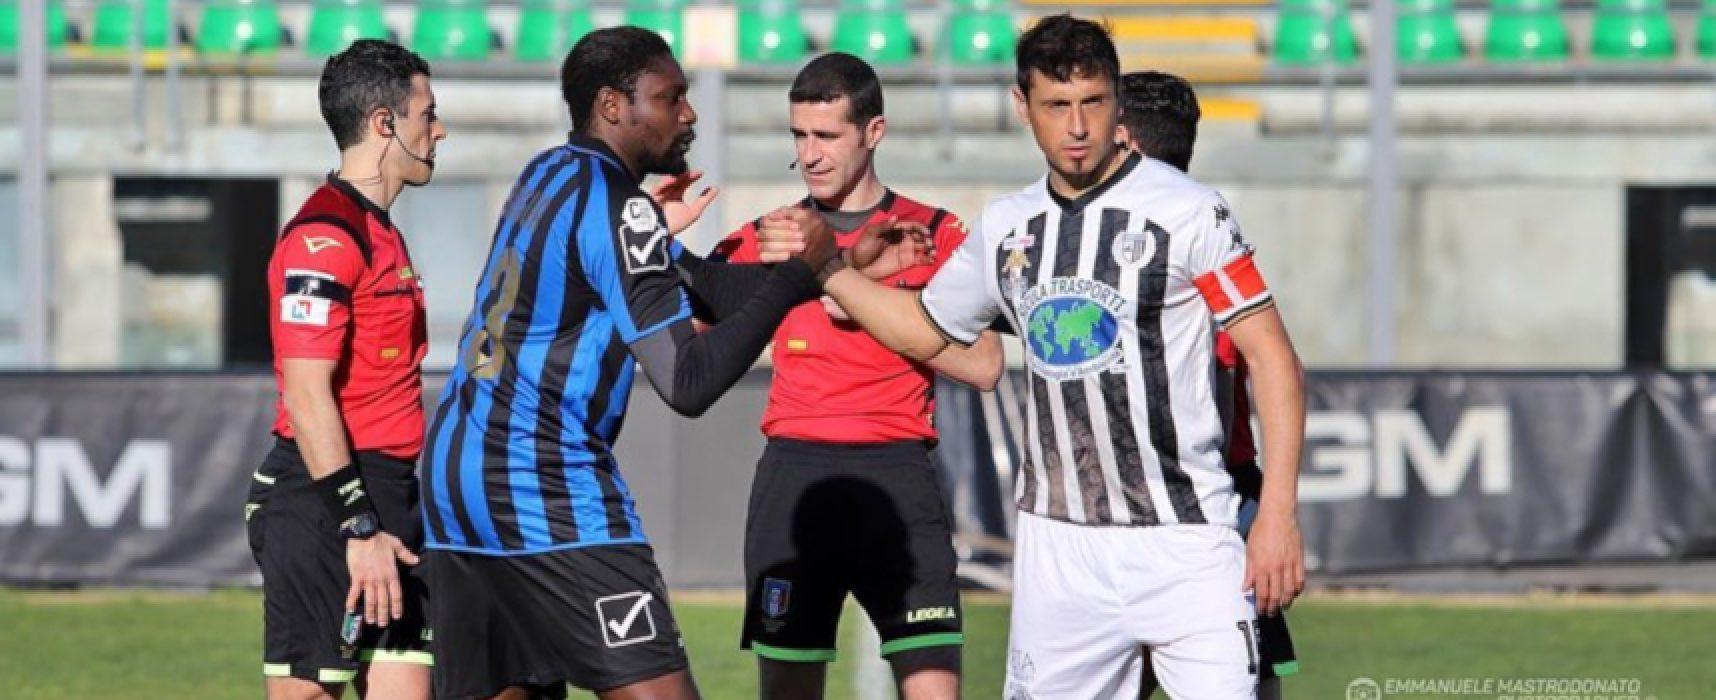 Bisceglie Calcio: stasera primo round del play-out con la Sicula Leonzio